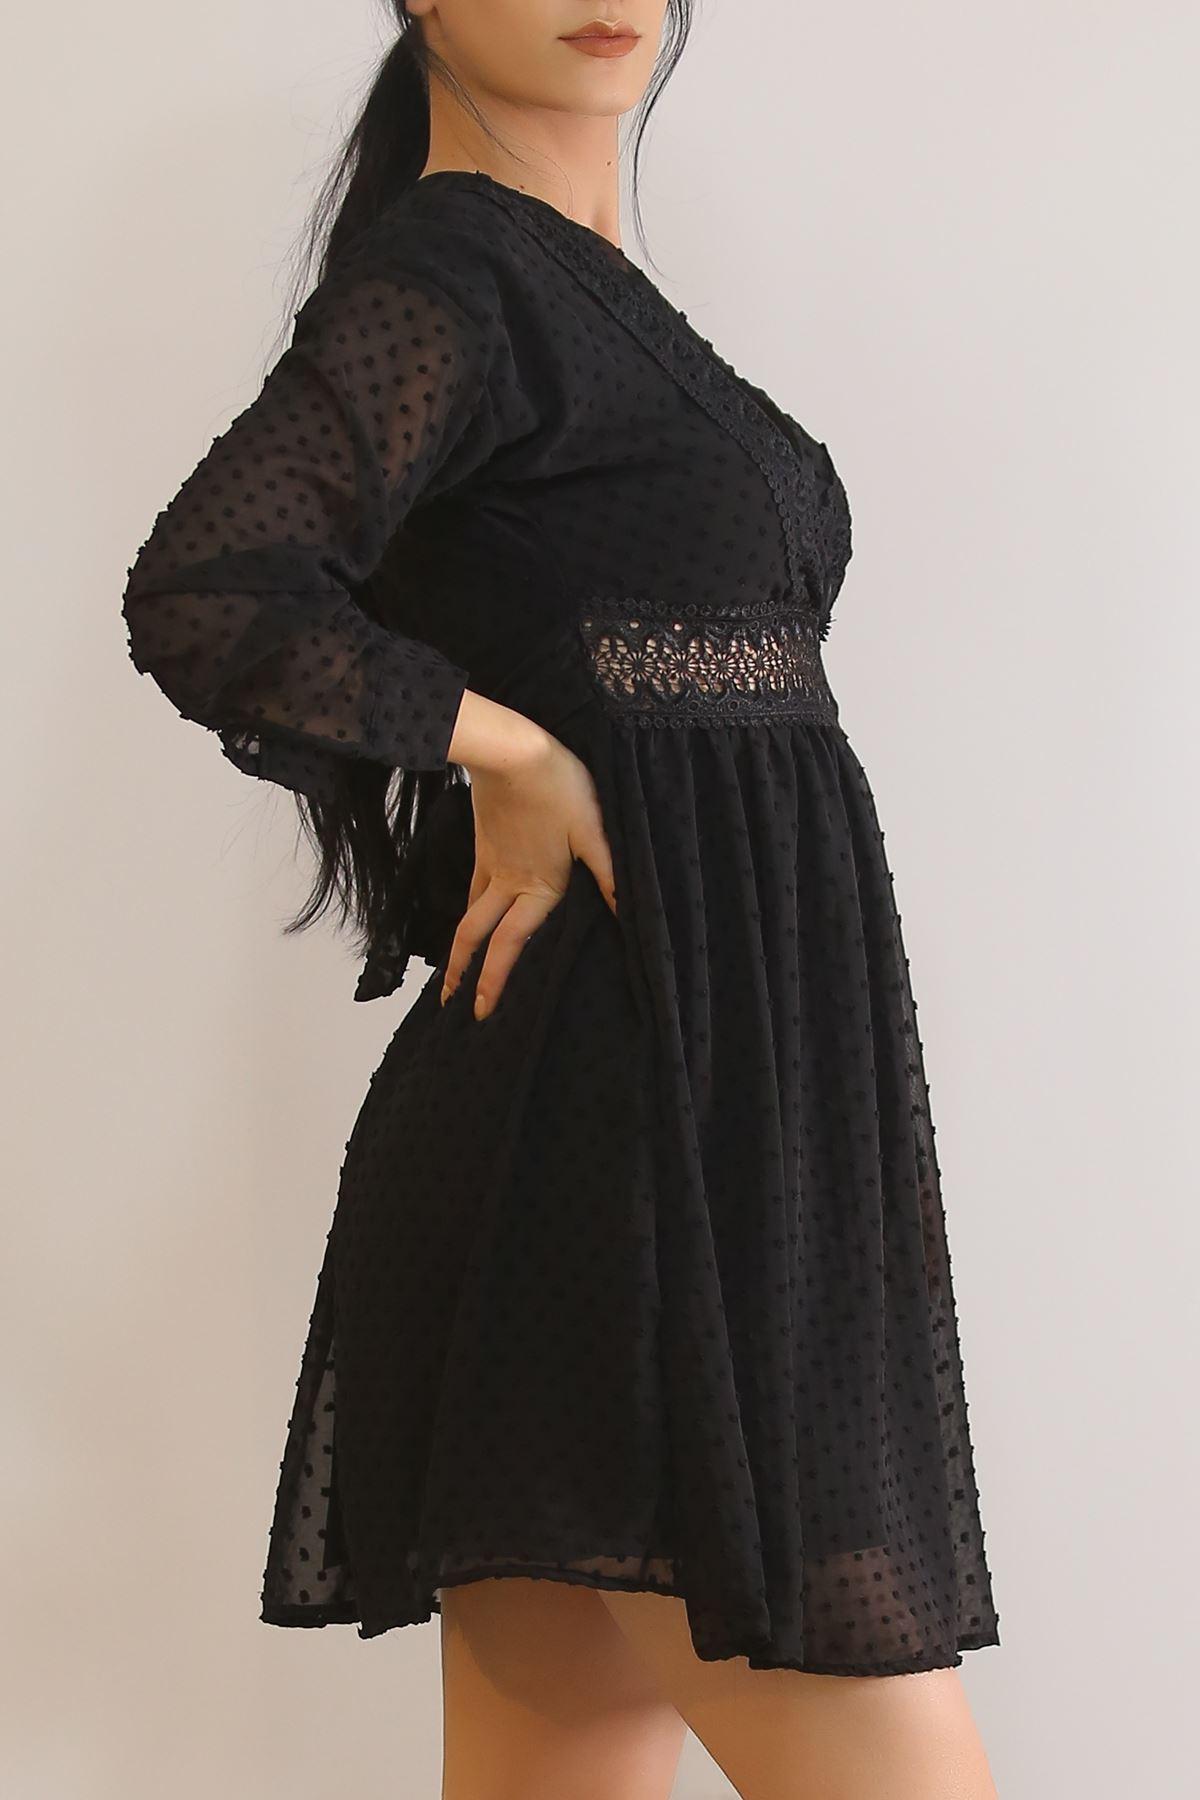 Sırt Dekolteli Dantel Elbise Siyah - 2364.159.